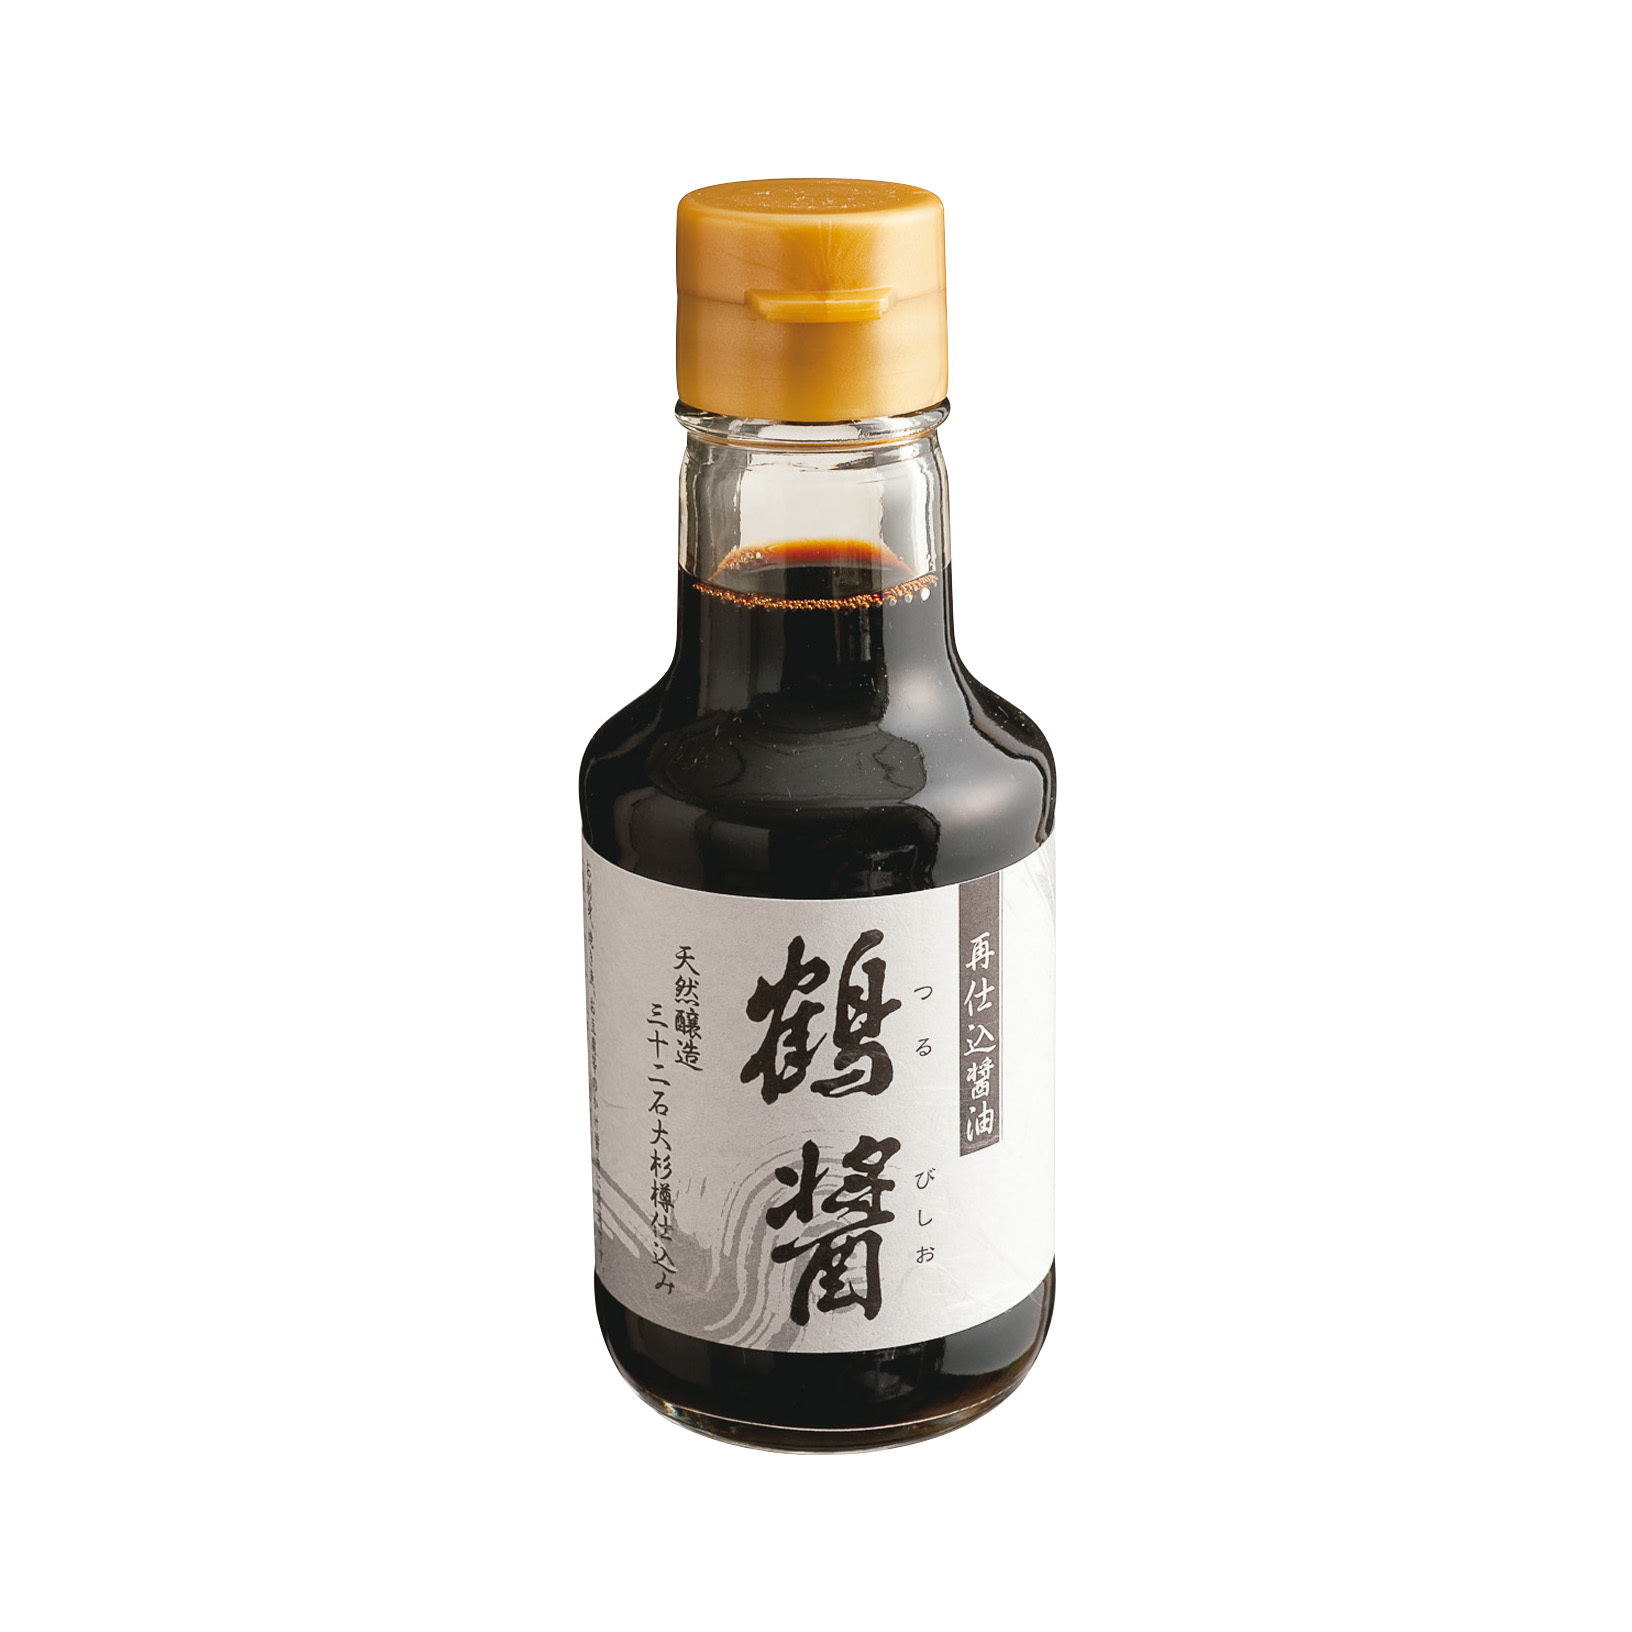 杉樽で長期熟成したヤマロク醤油の「鶴醤・菊醤」_1_1